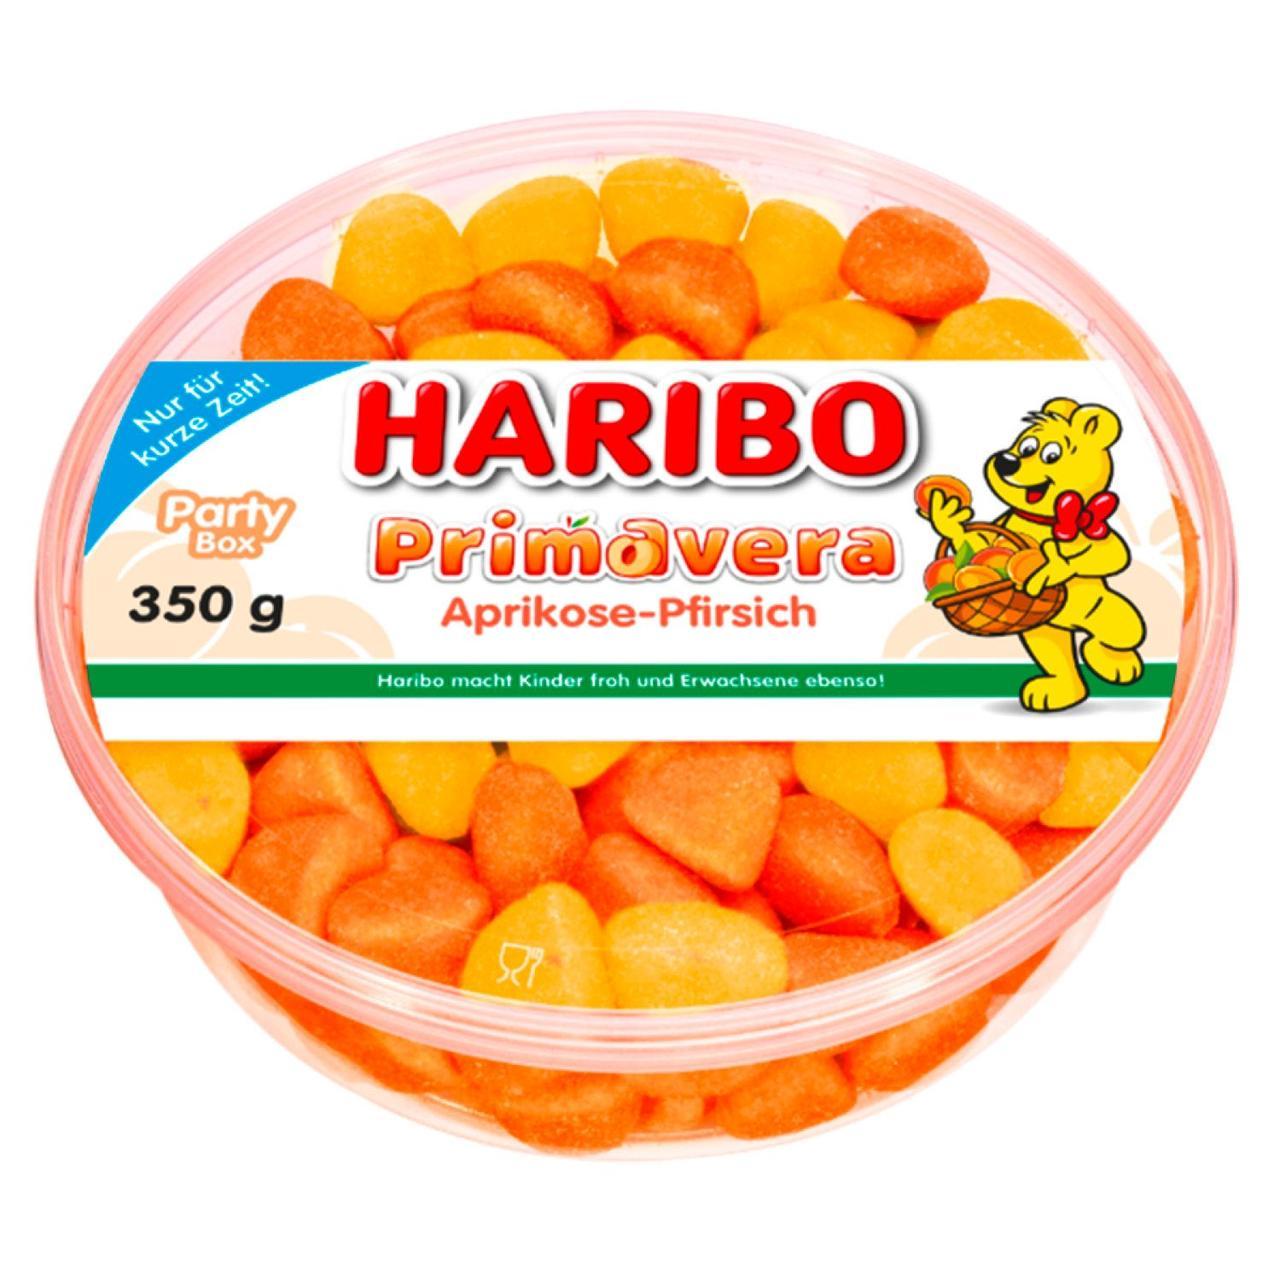 Haribo Primavera Aprikosw Pfirsich 350 g